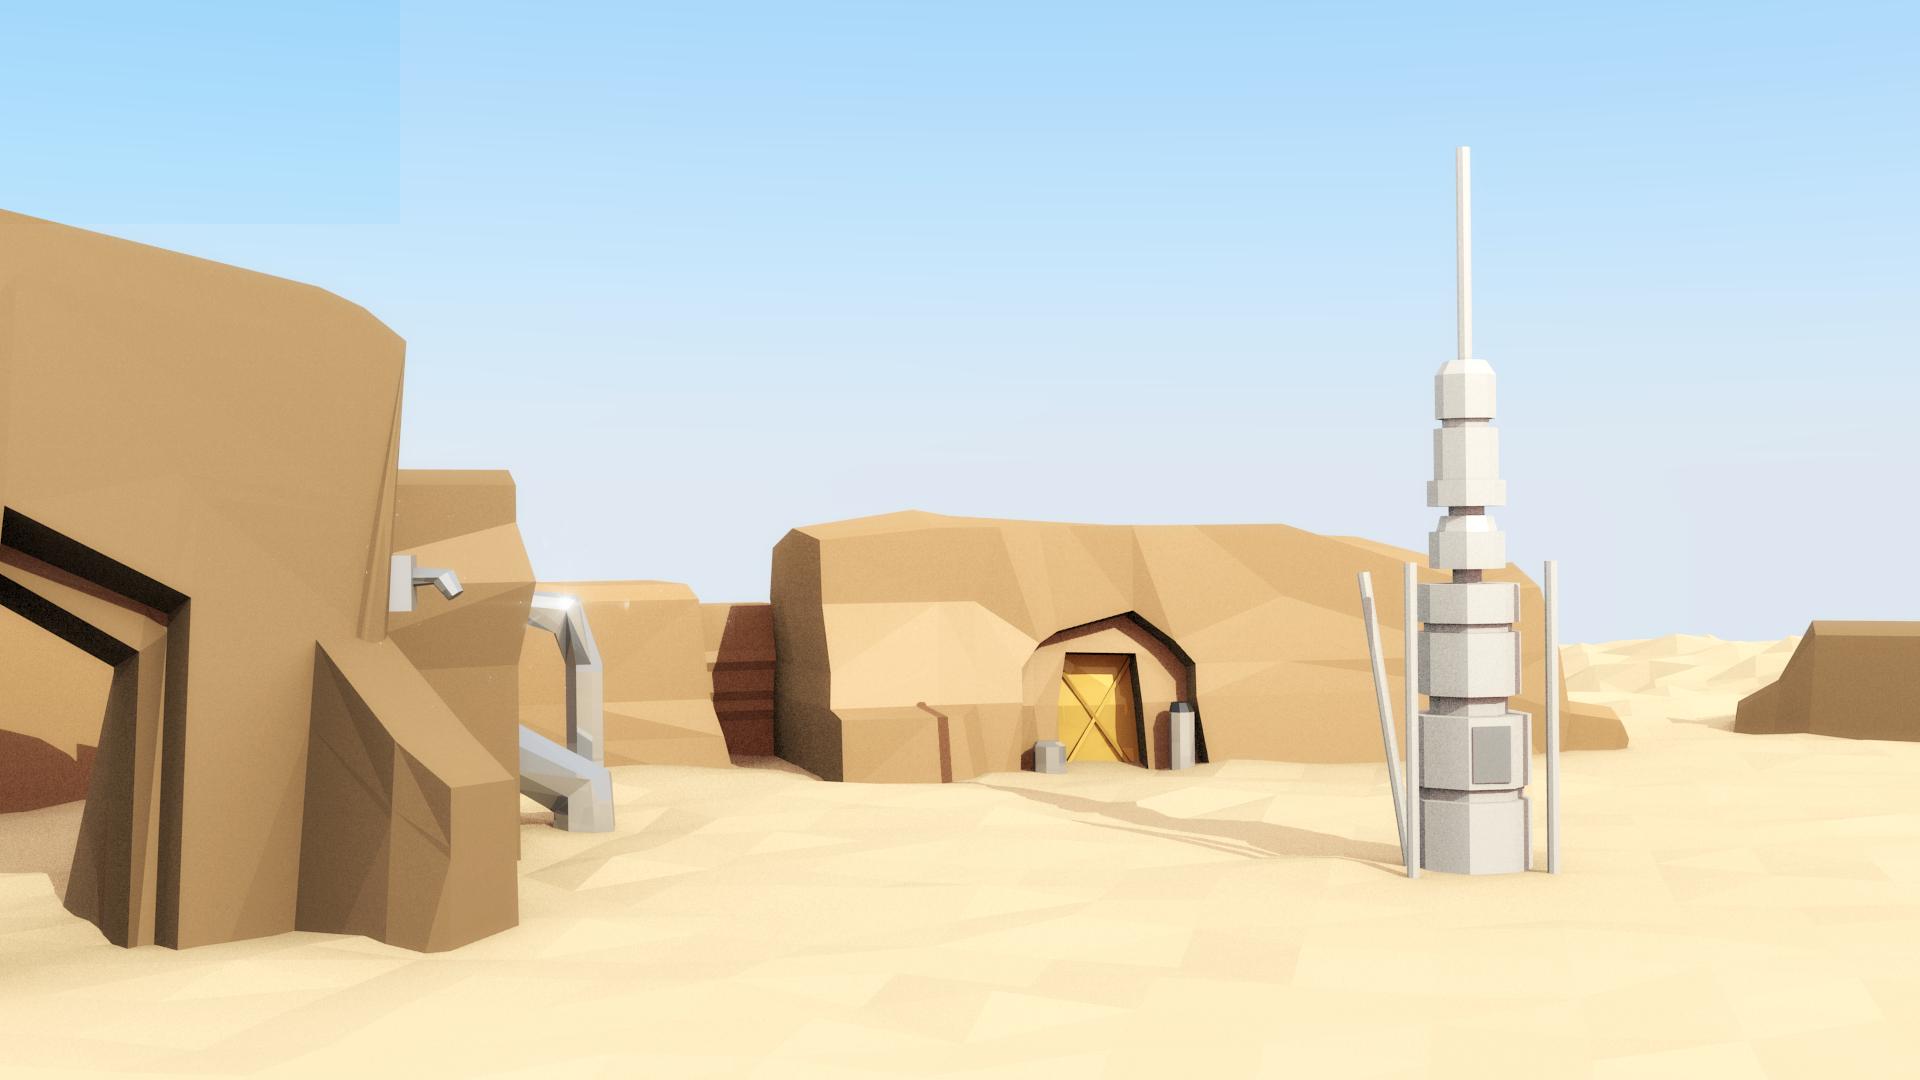 Star Wars Jedi Obi Wan Kenobi Tatooine Wallpapers HD Desktop